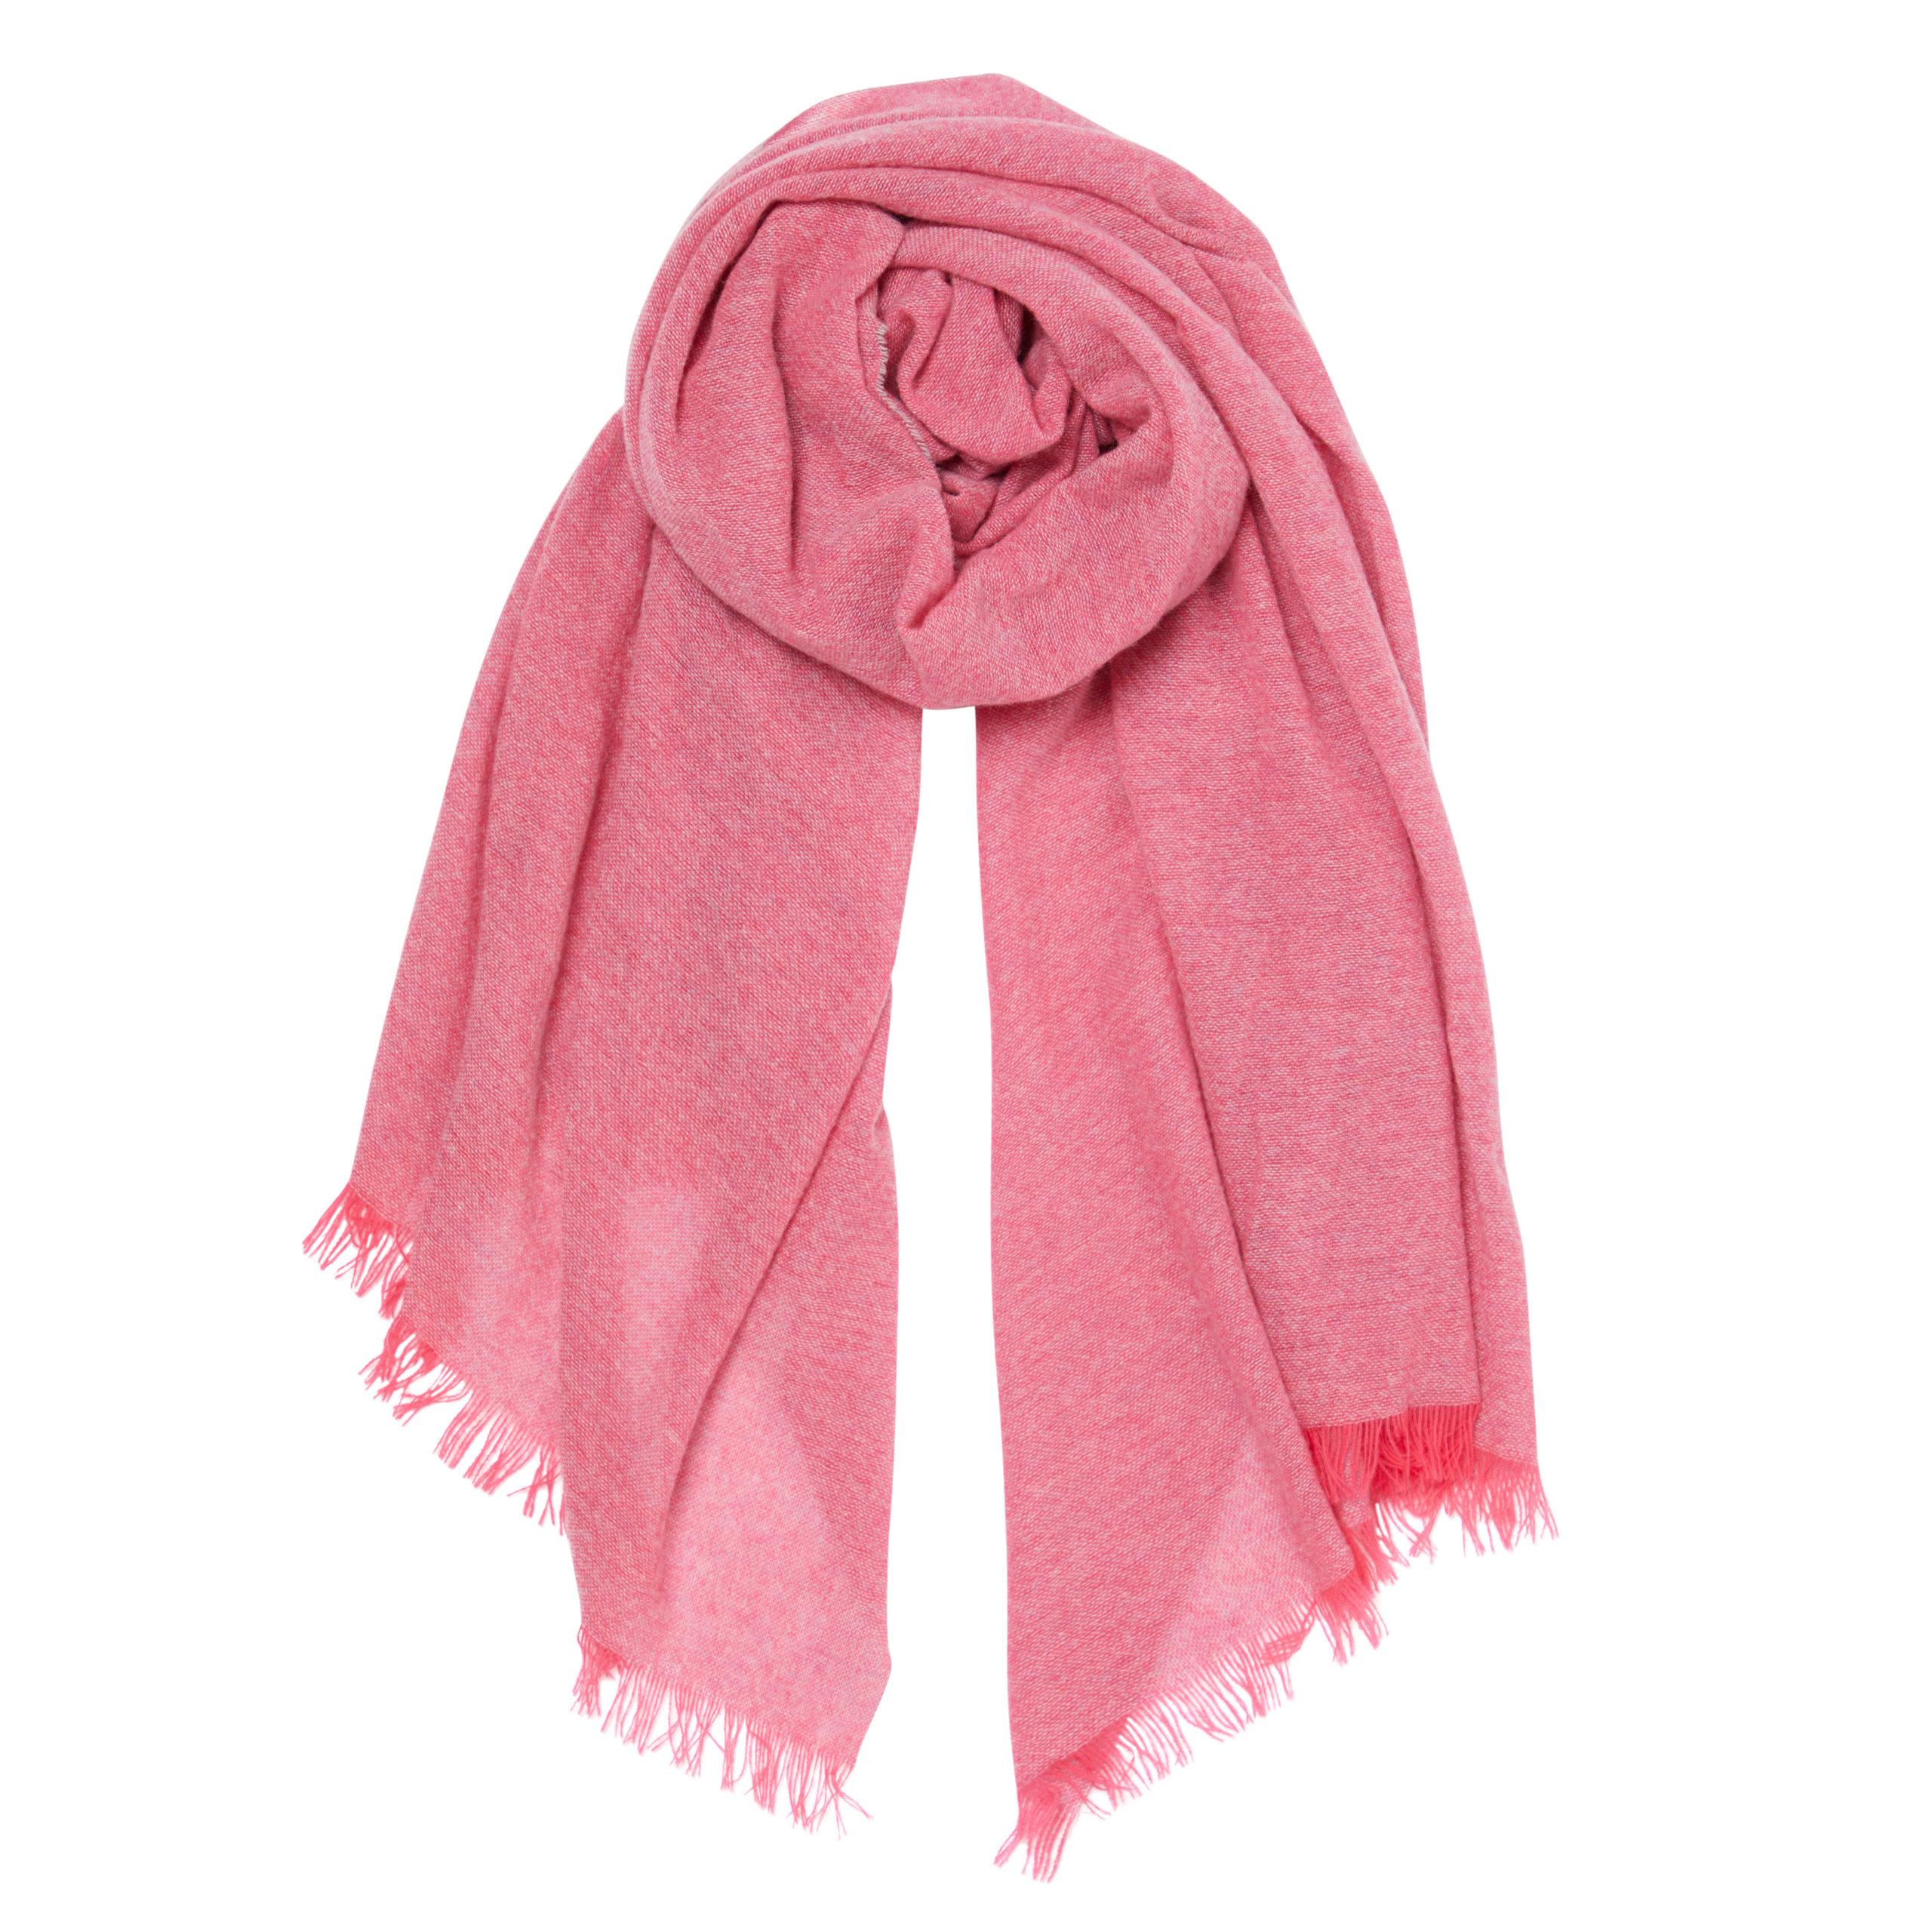 Fluffy grey cashmere scarf